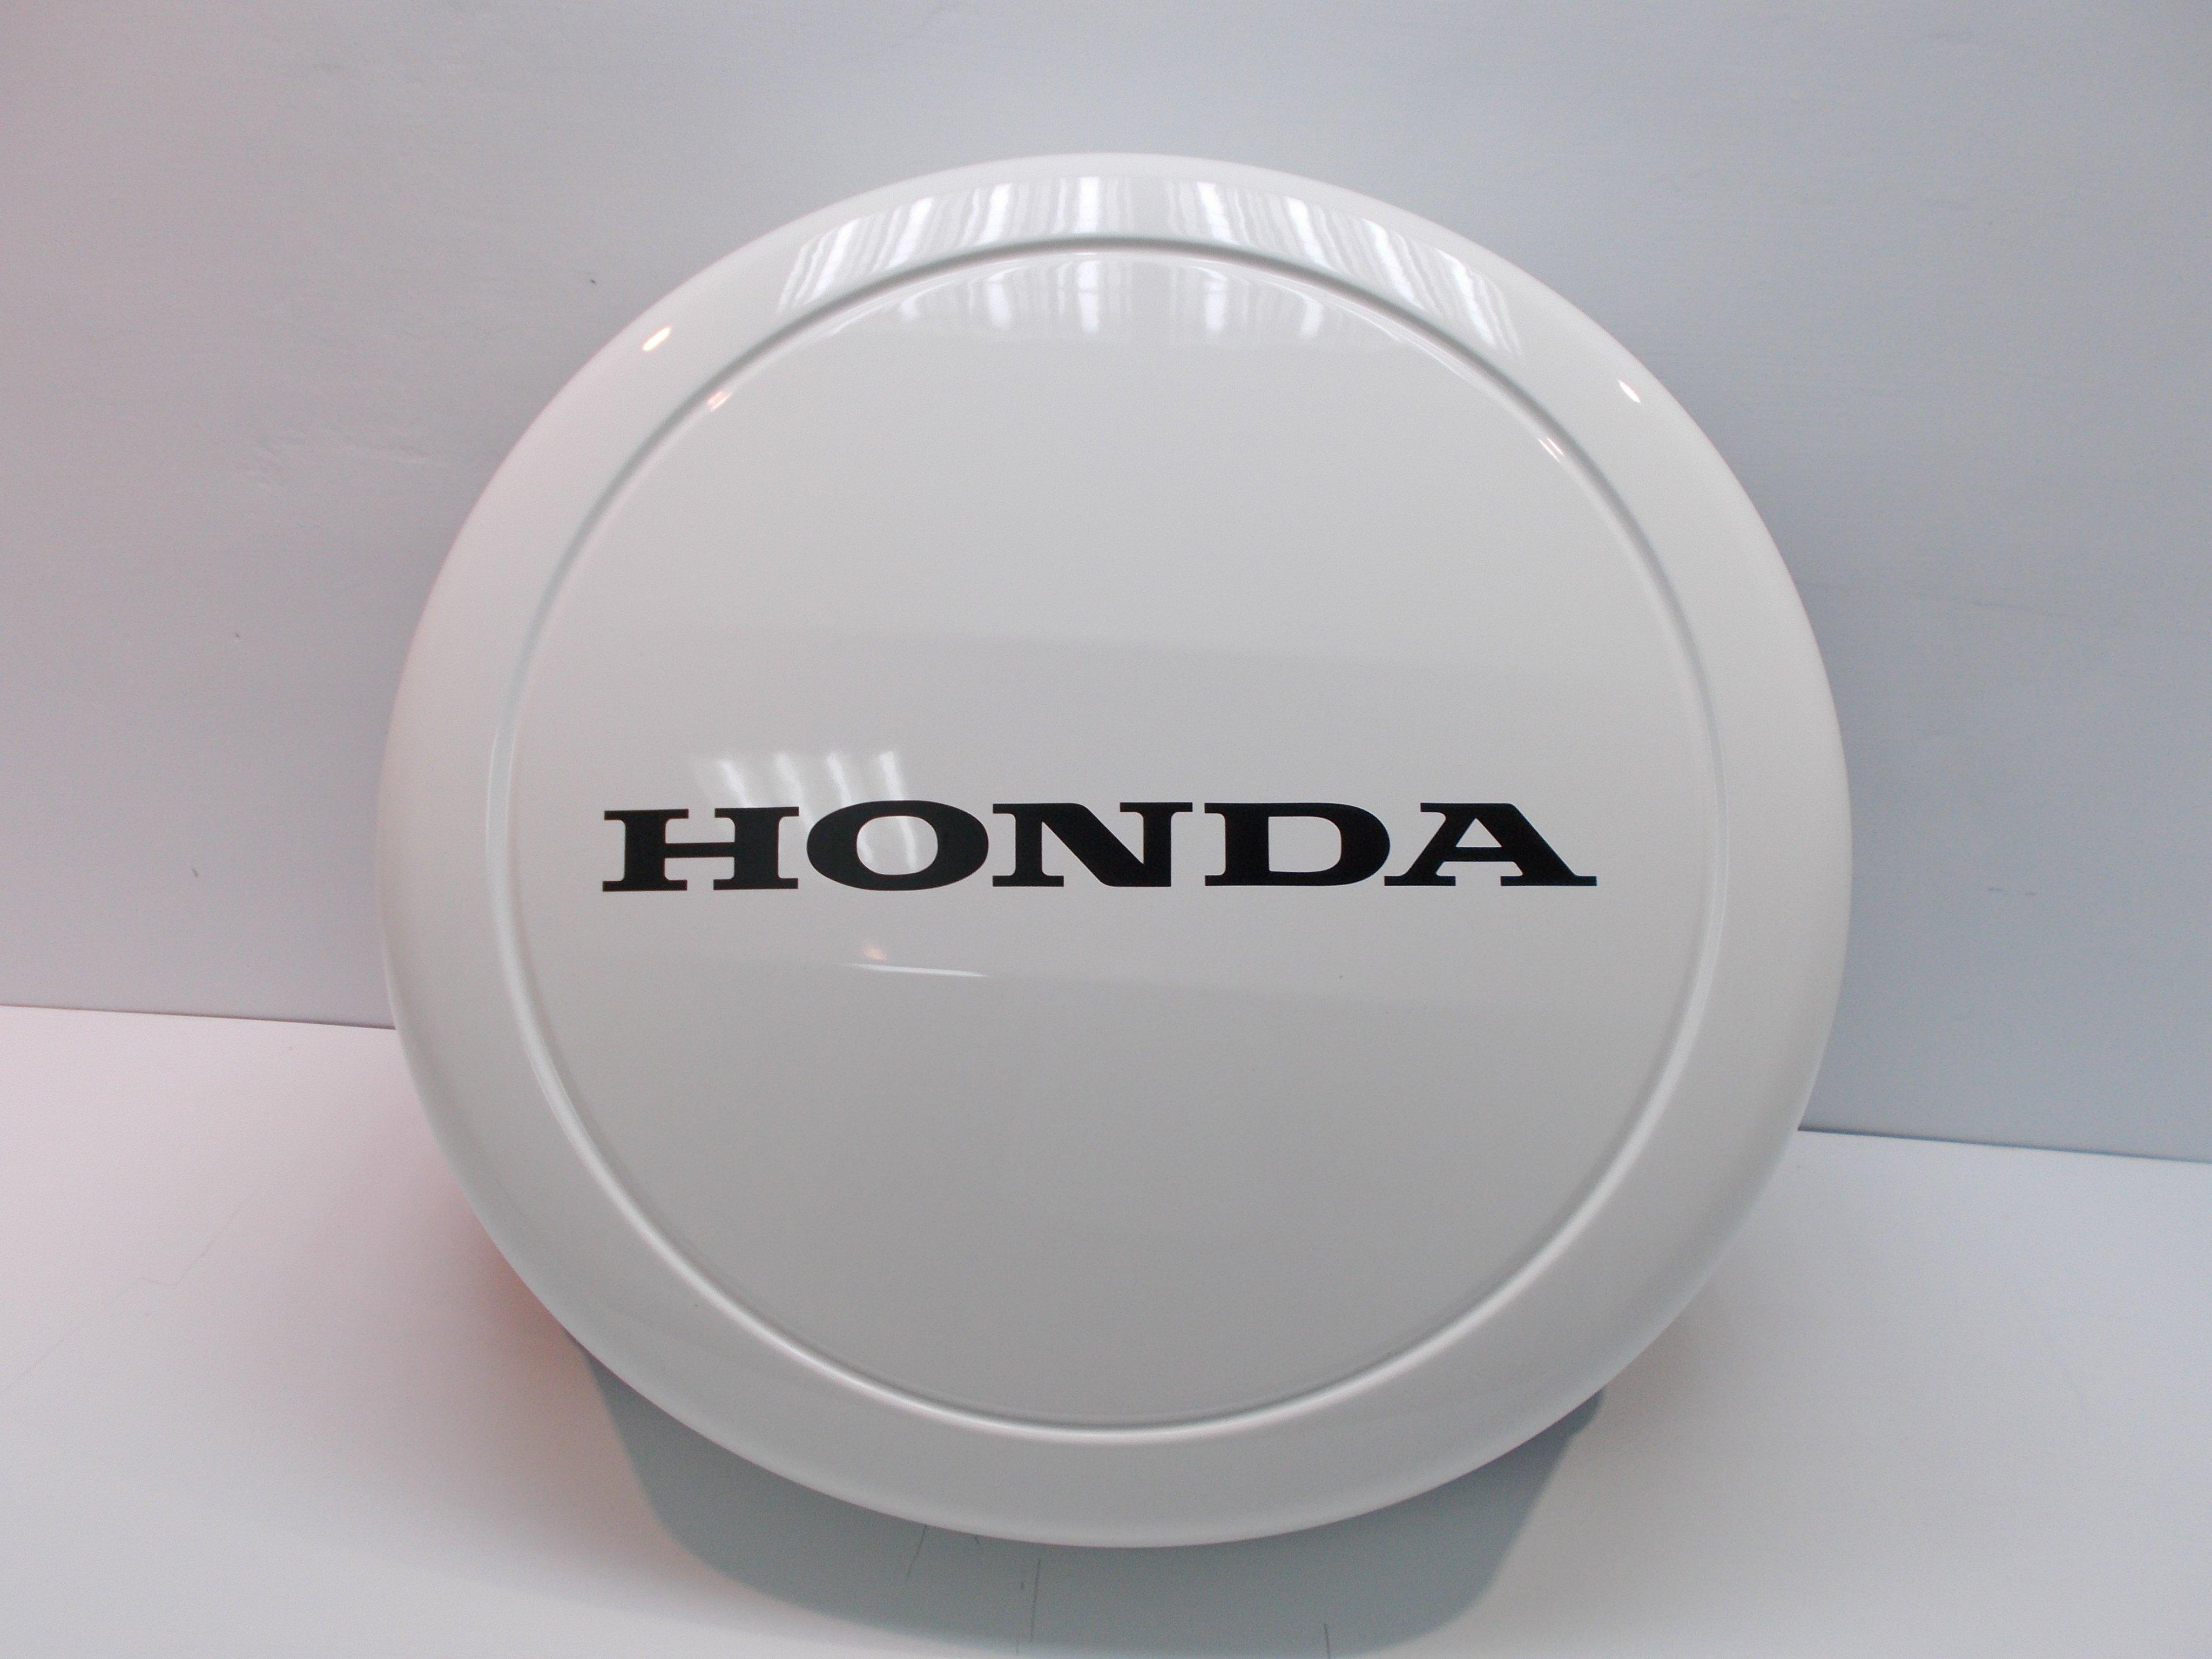 Honda CRV  二代專用05-06白色備胎蓋16吋  正廠 ABS材質 一代CRV可用    二代CRV